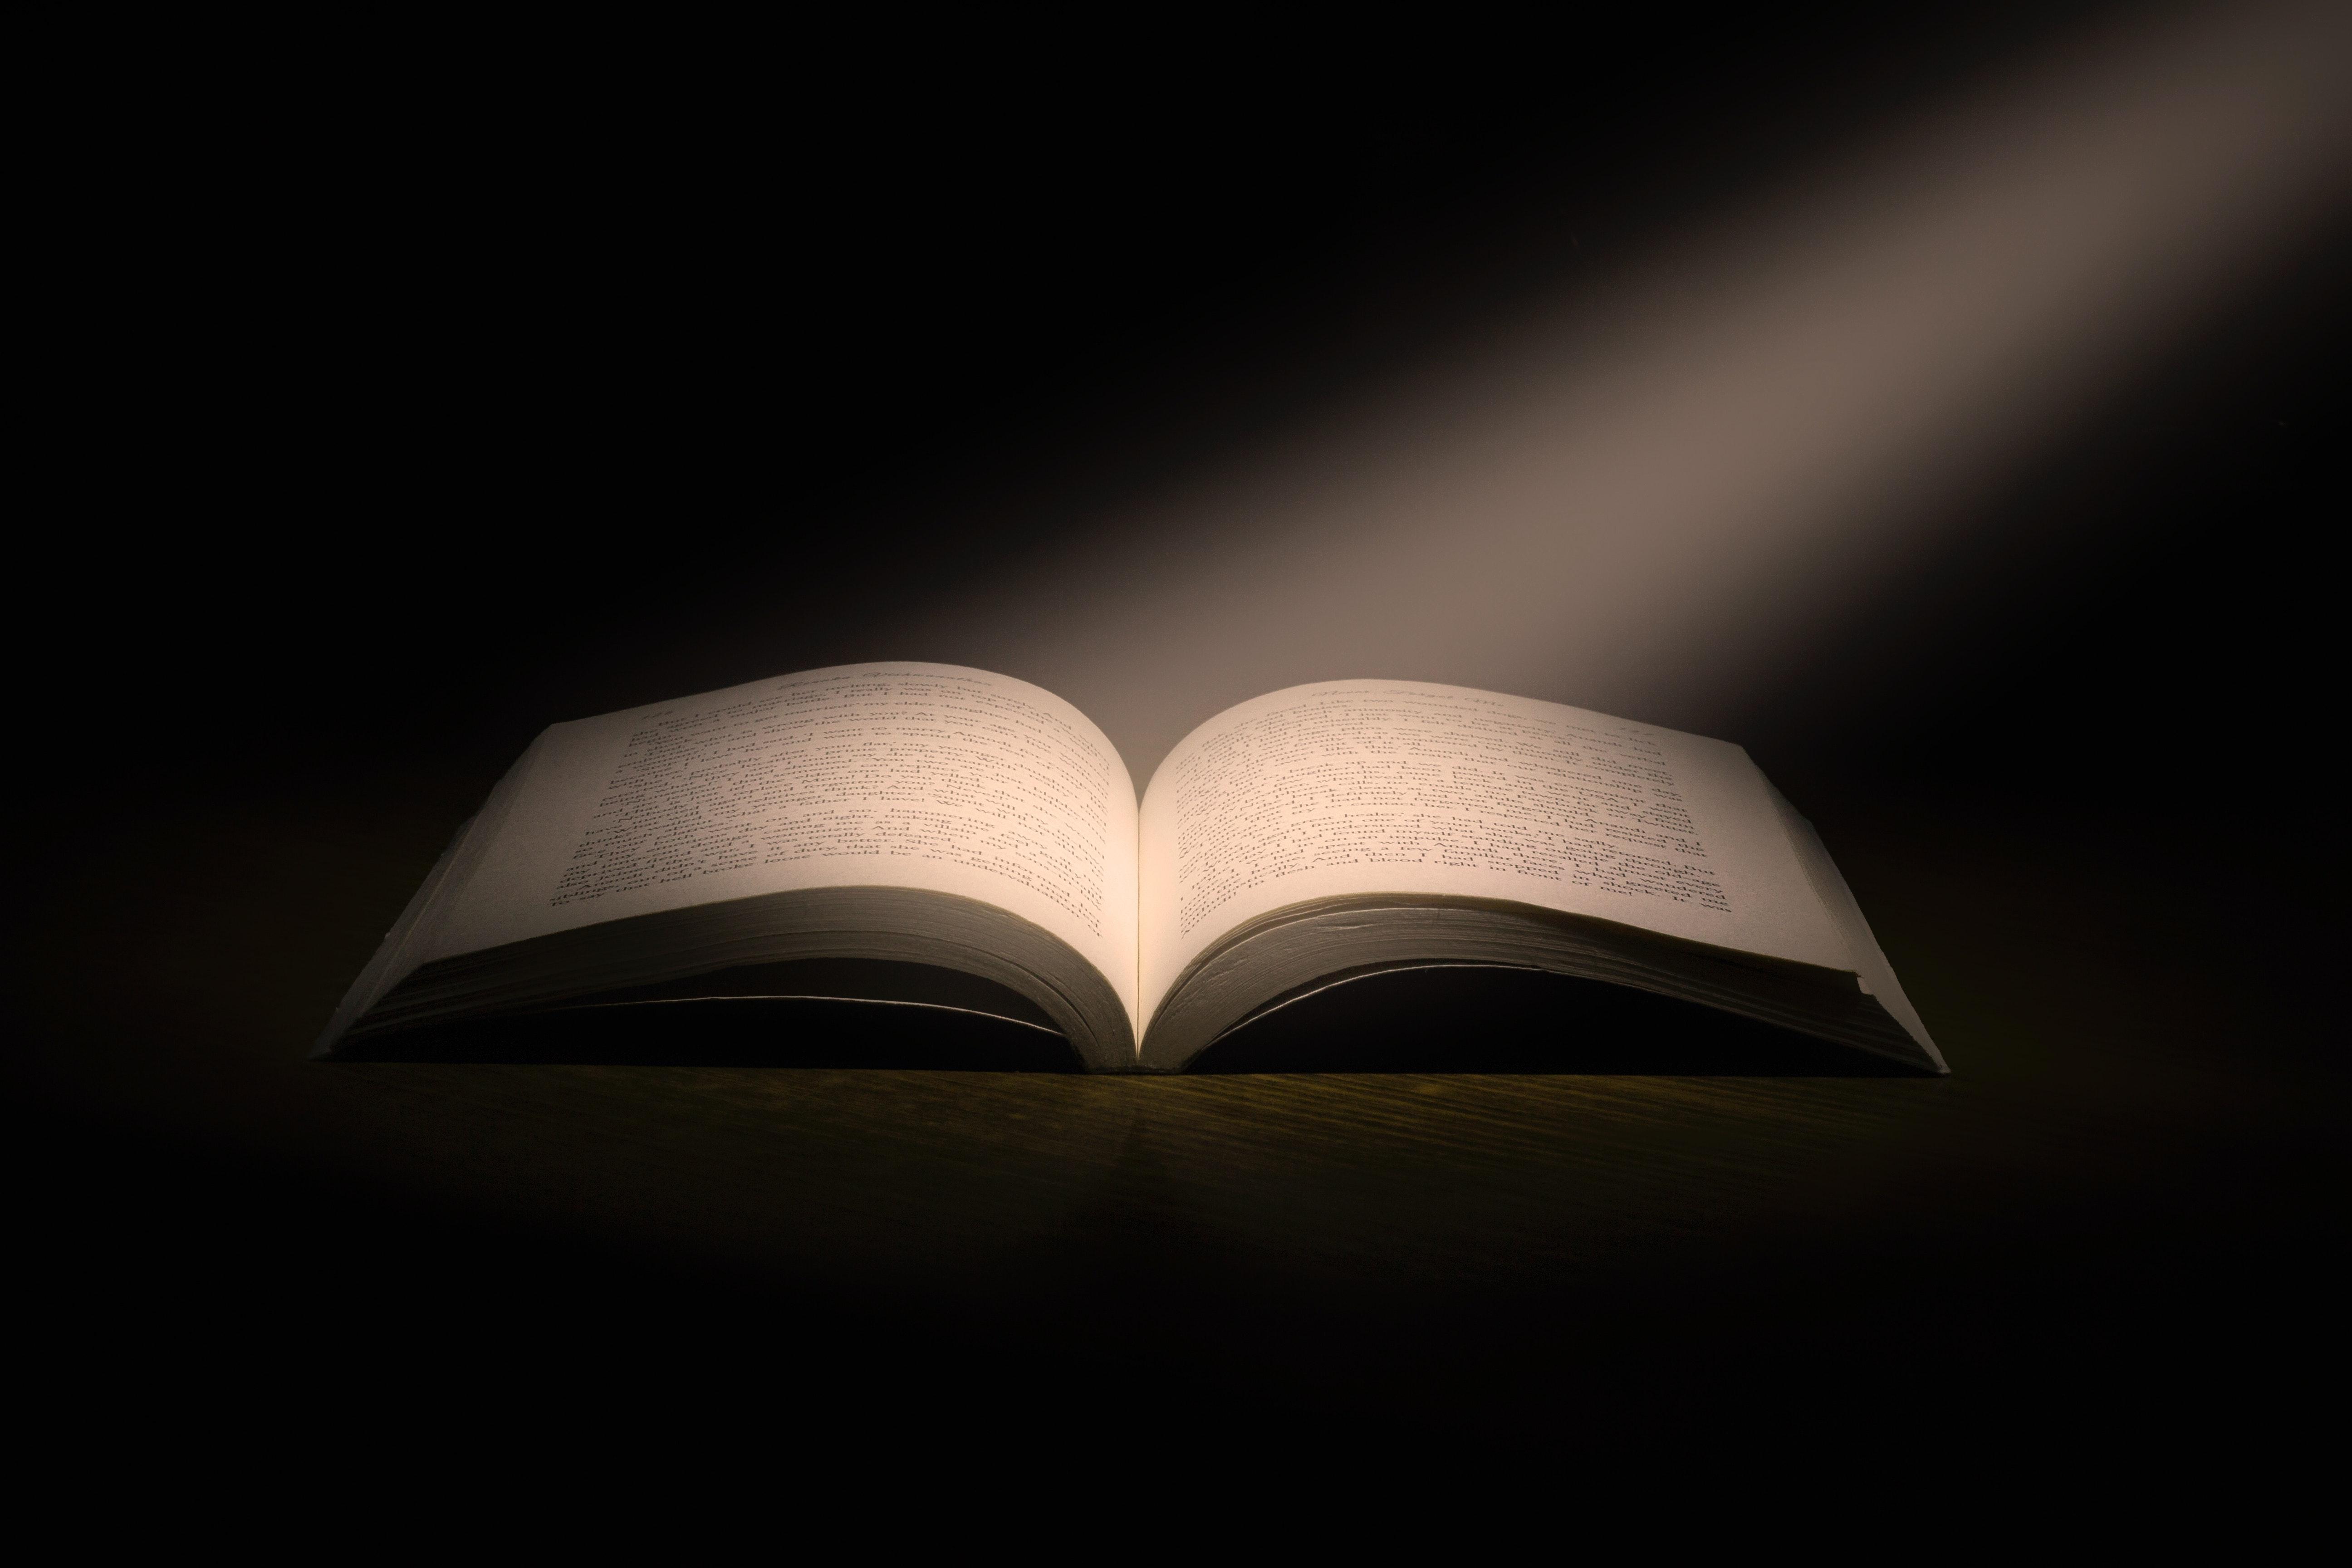 Libros y películas espirituales, Cine espiritual